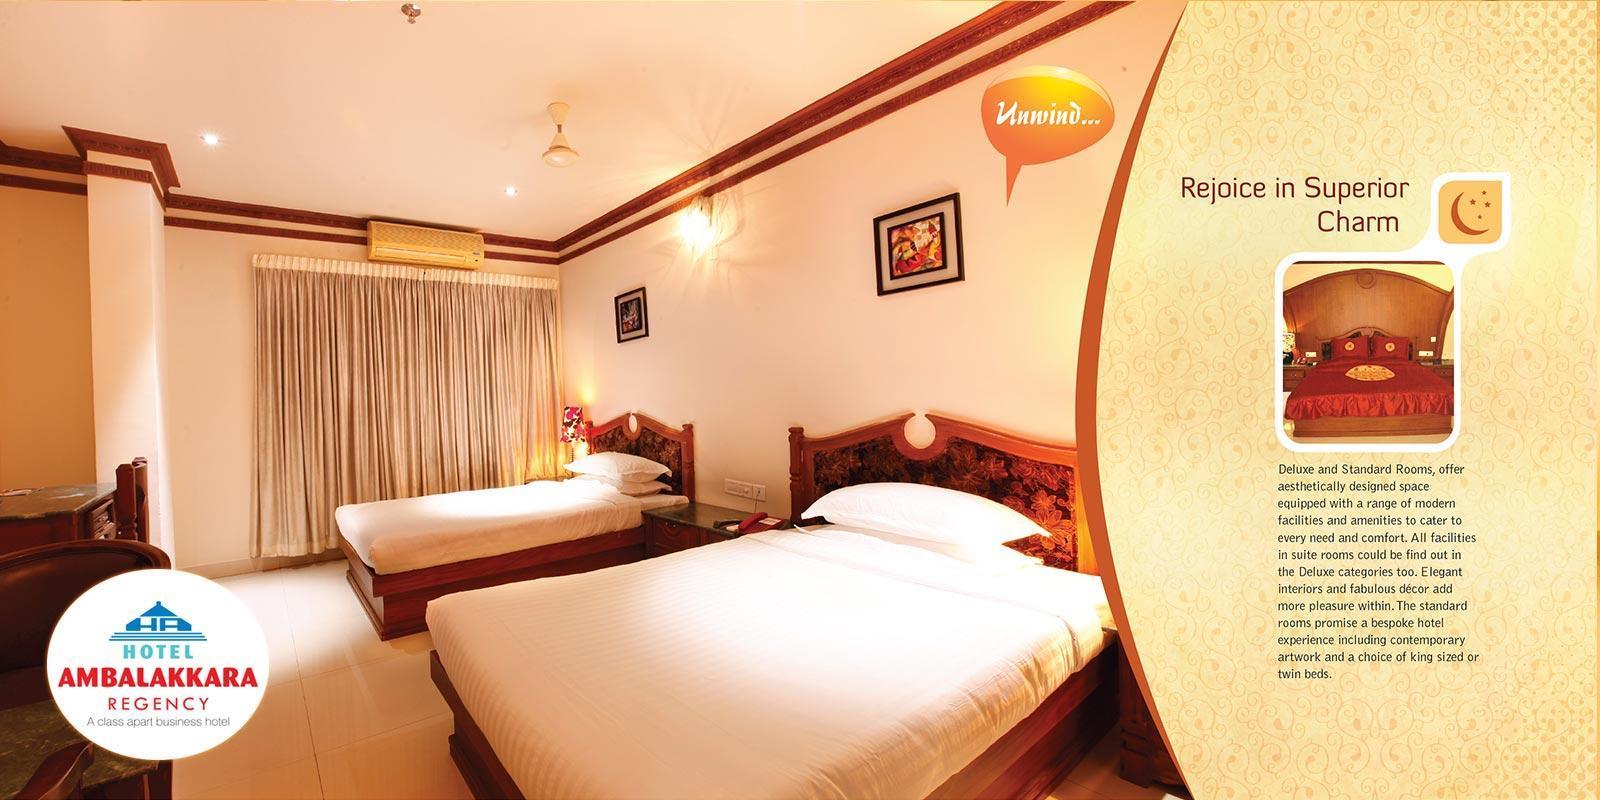 Hotel Ambalakkara Regency, Kollam